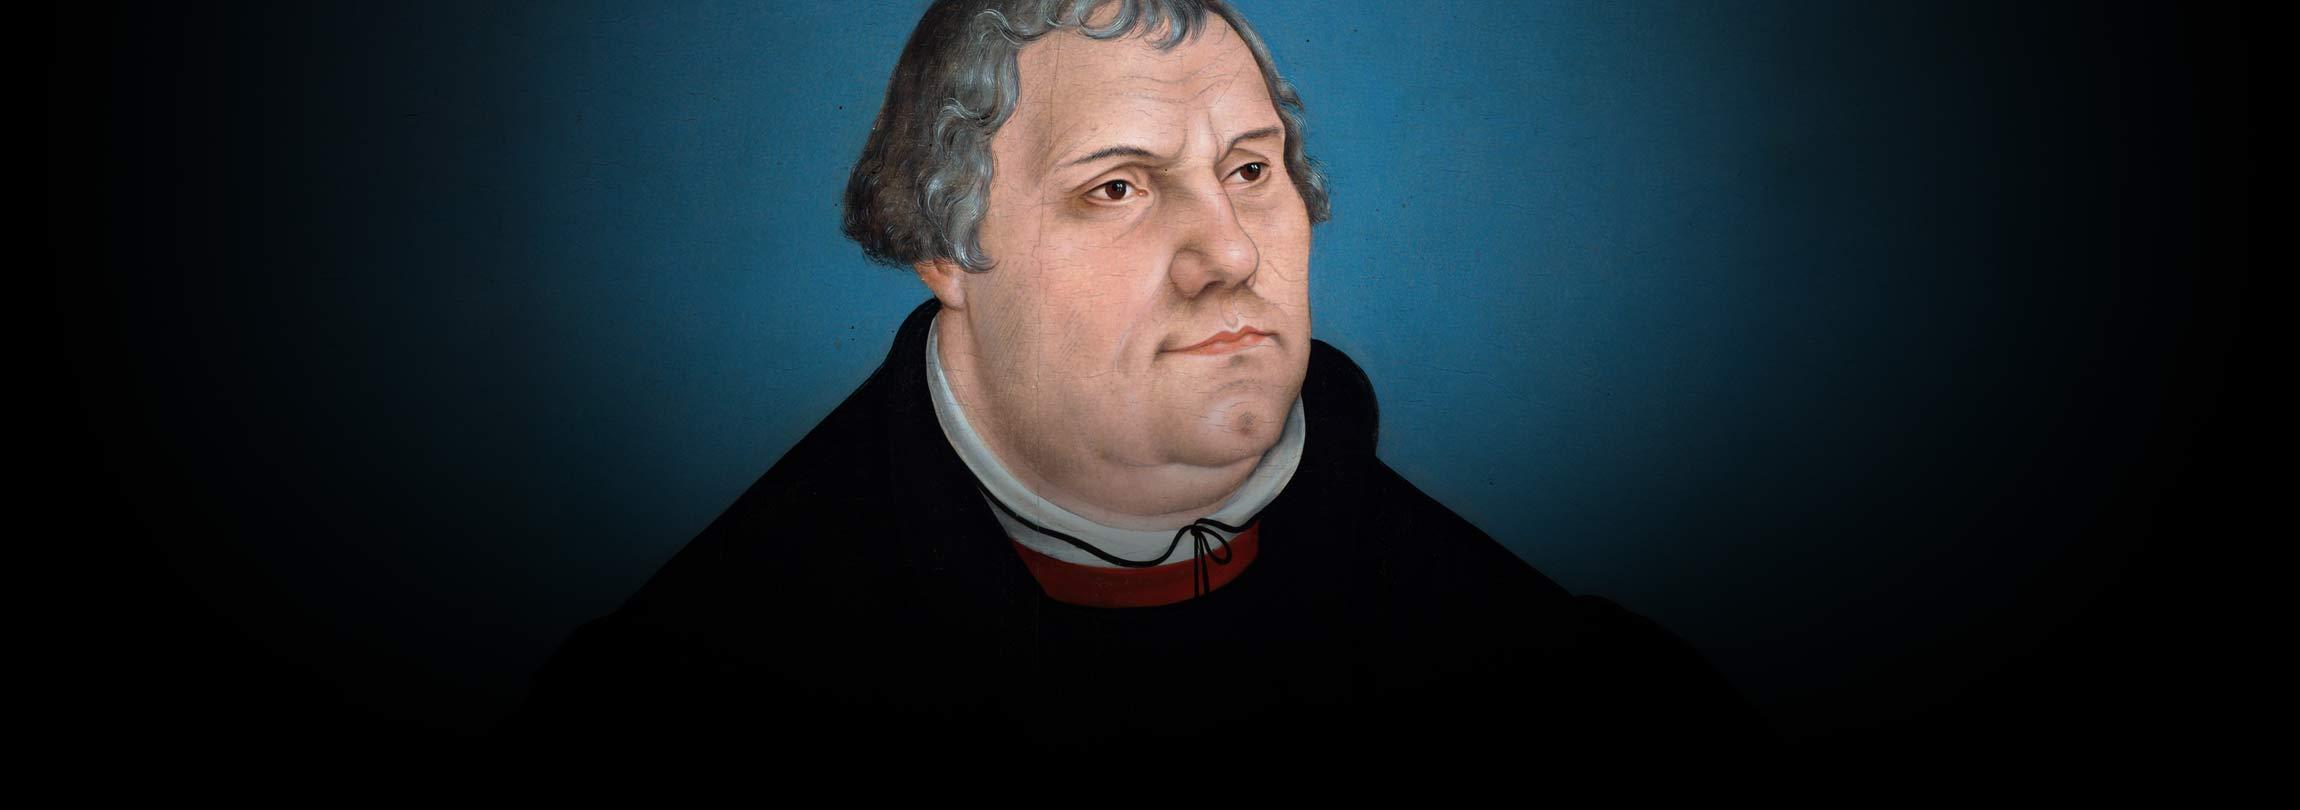 O homem que tentou abolir a santidade